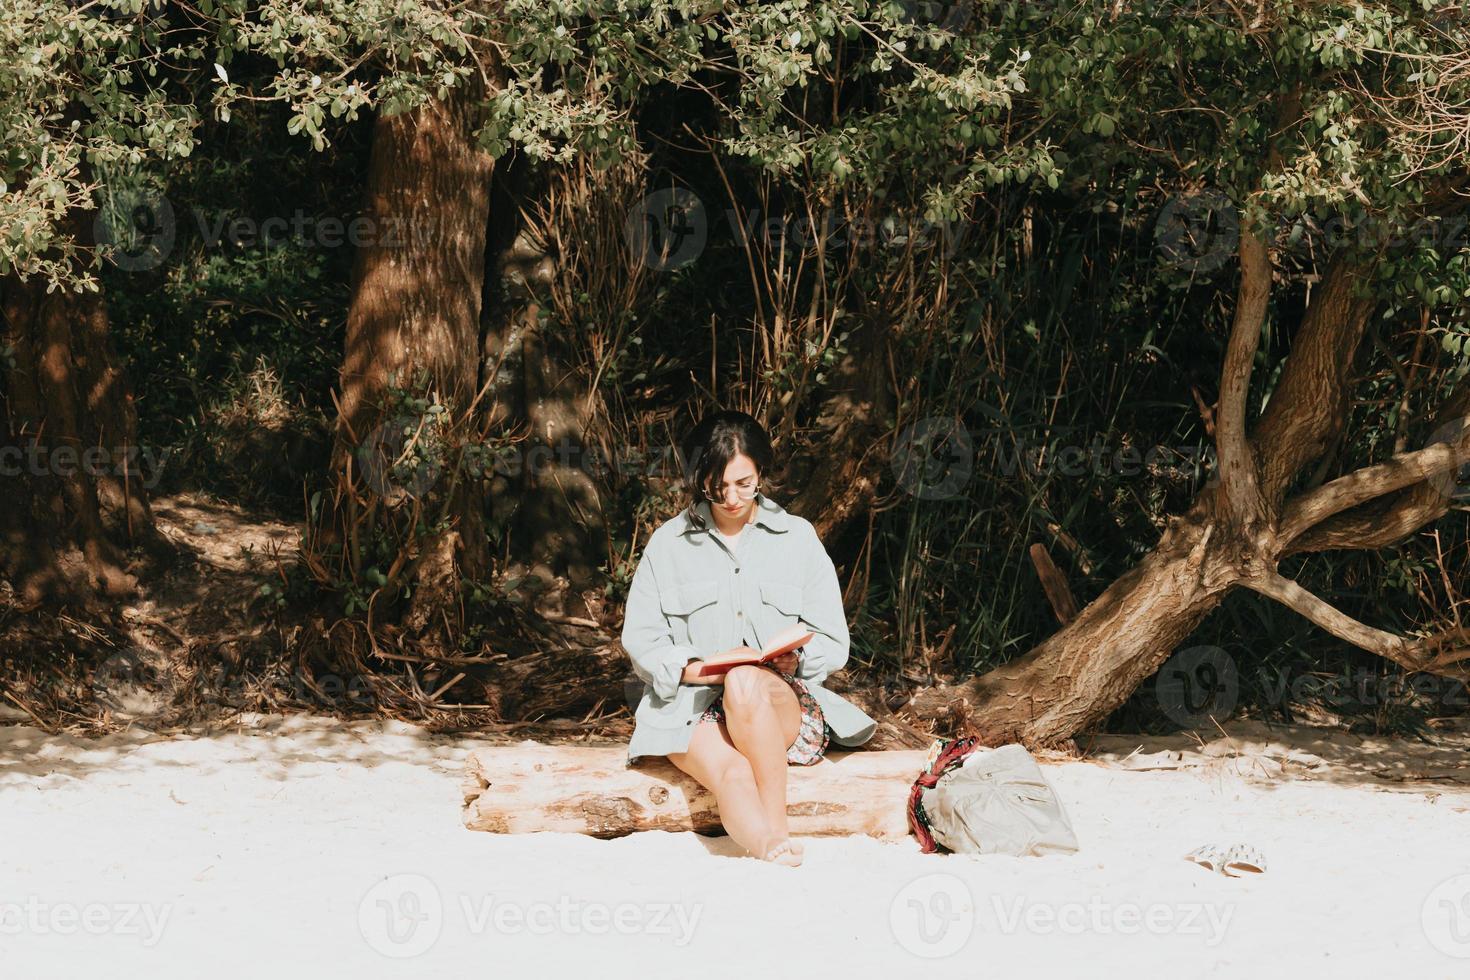 junge marokkanische Frau in der modernen Kleidung, die am Strand sitzt und ein Buch liest foto